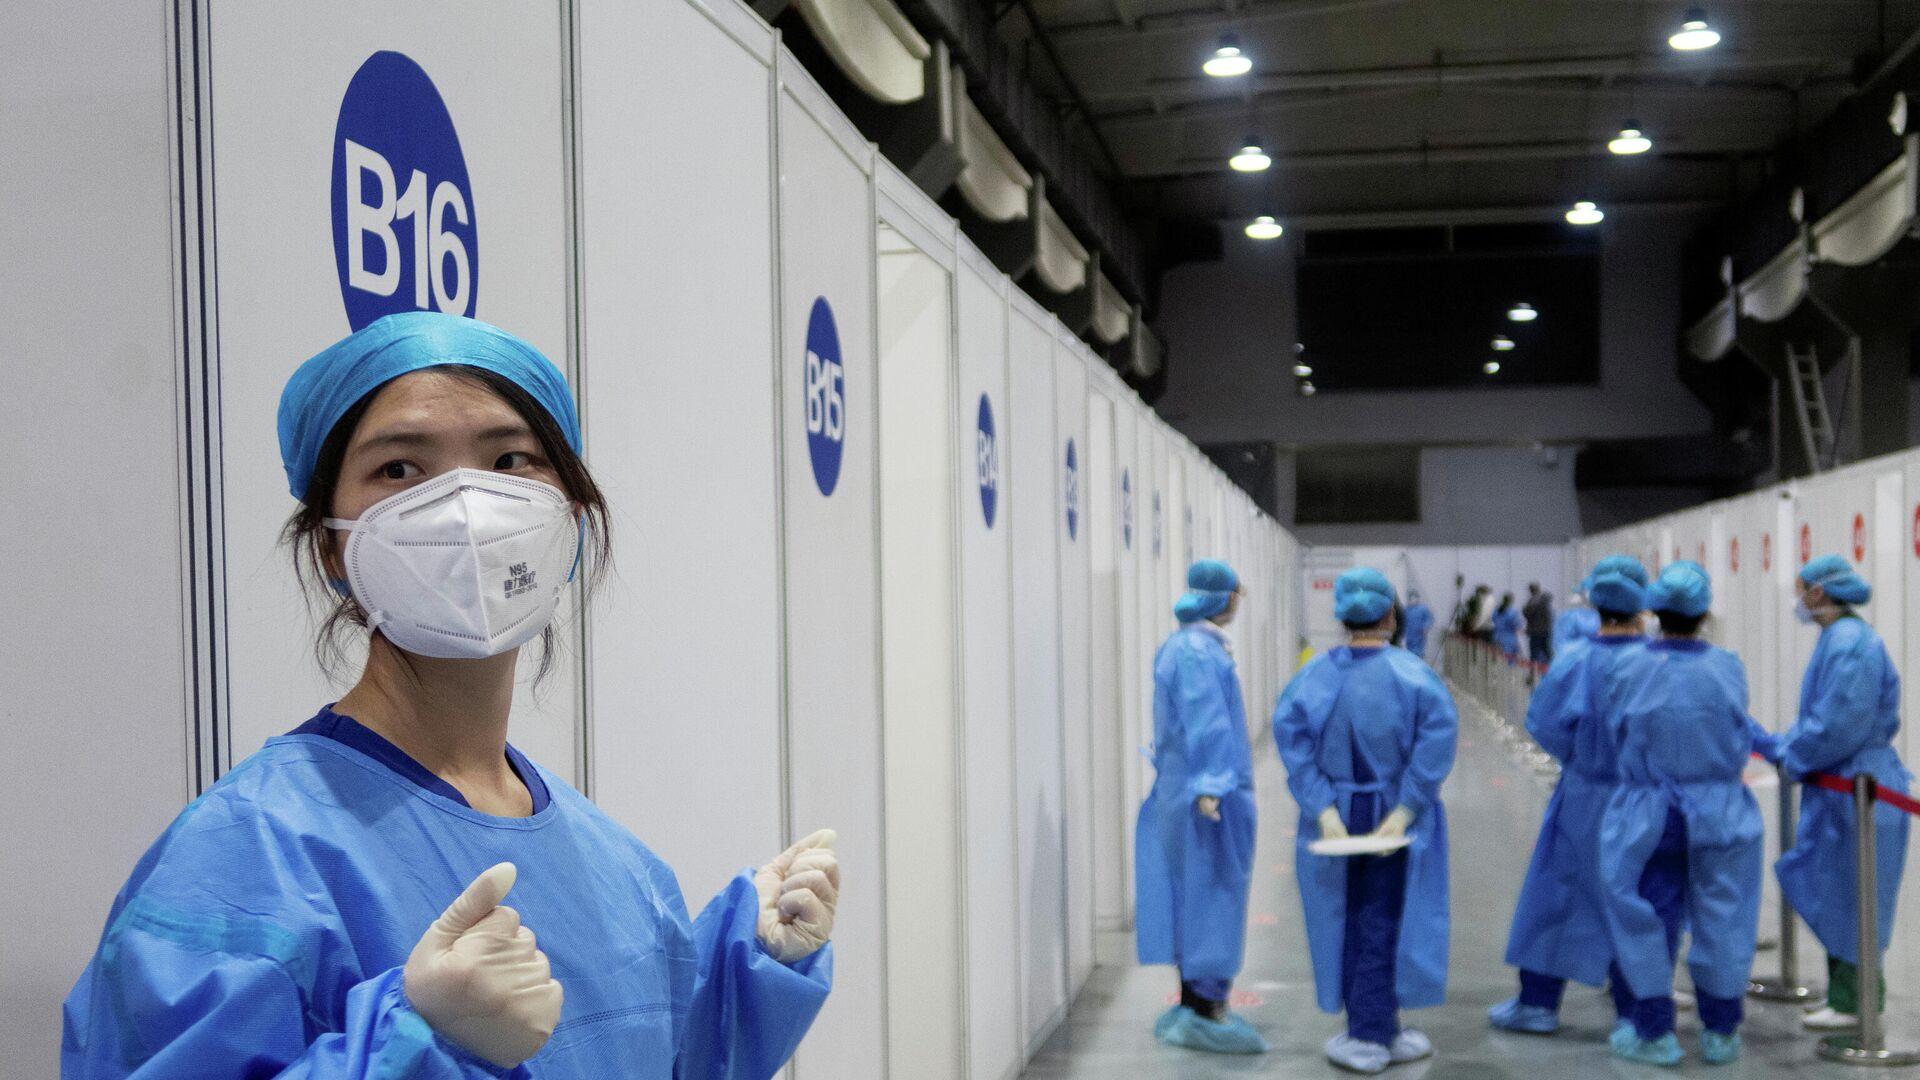 Vacunación contra el coronavirus en China  - Sputnik Mundo, 1920, 29.03.2021